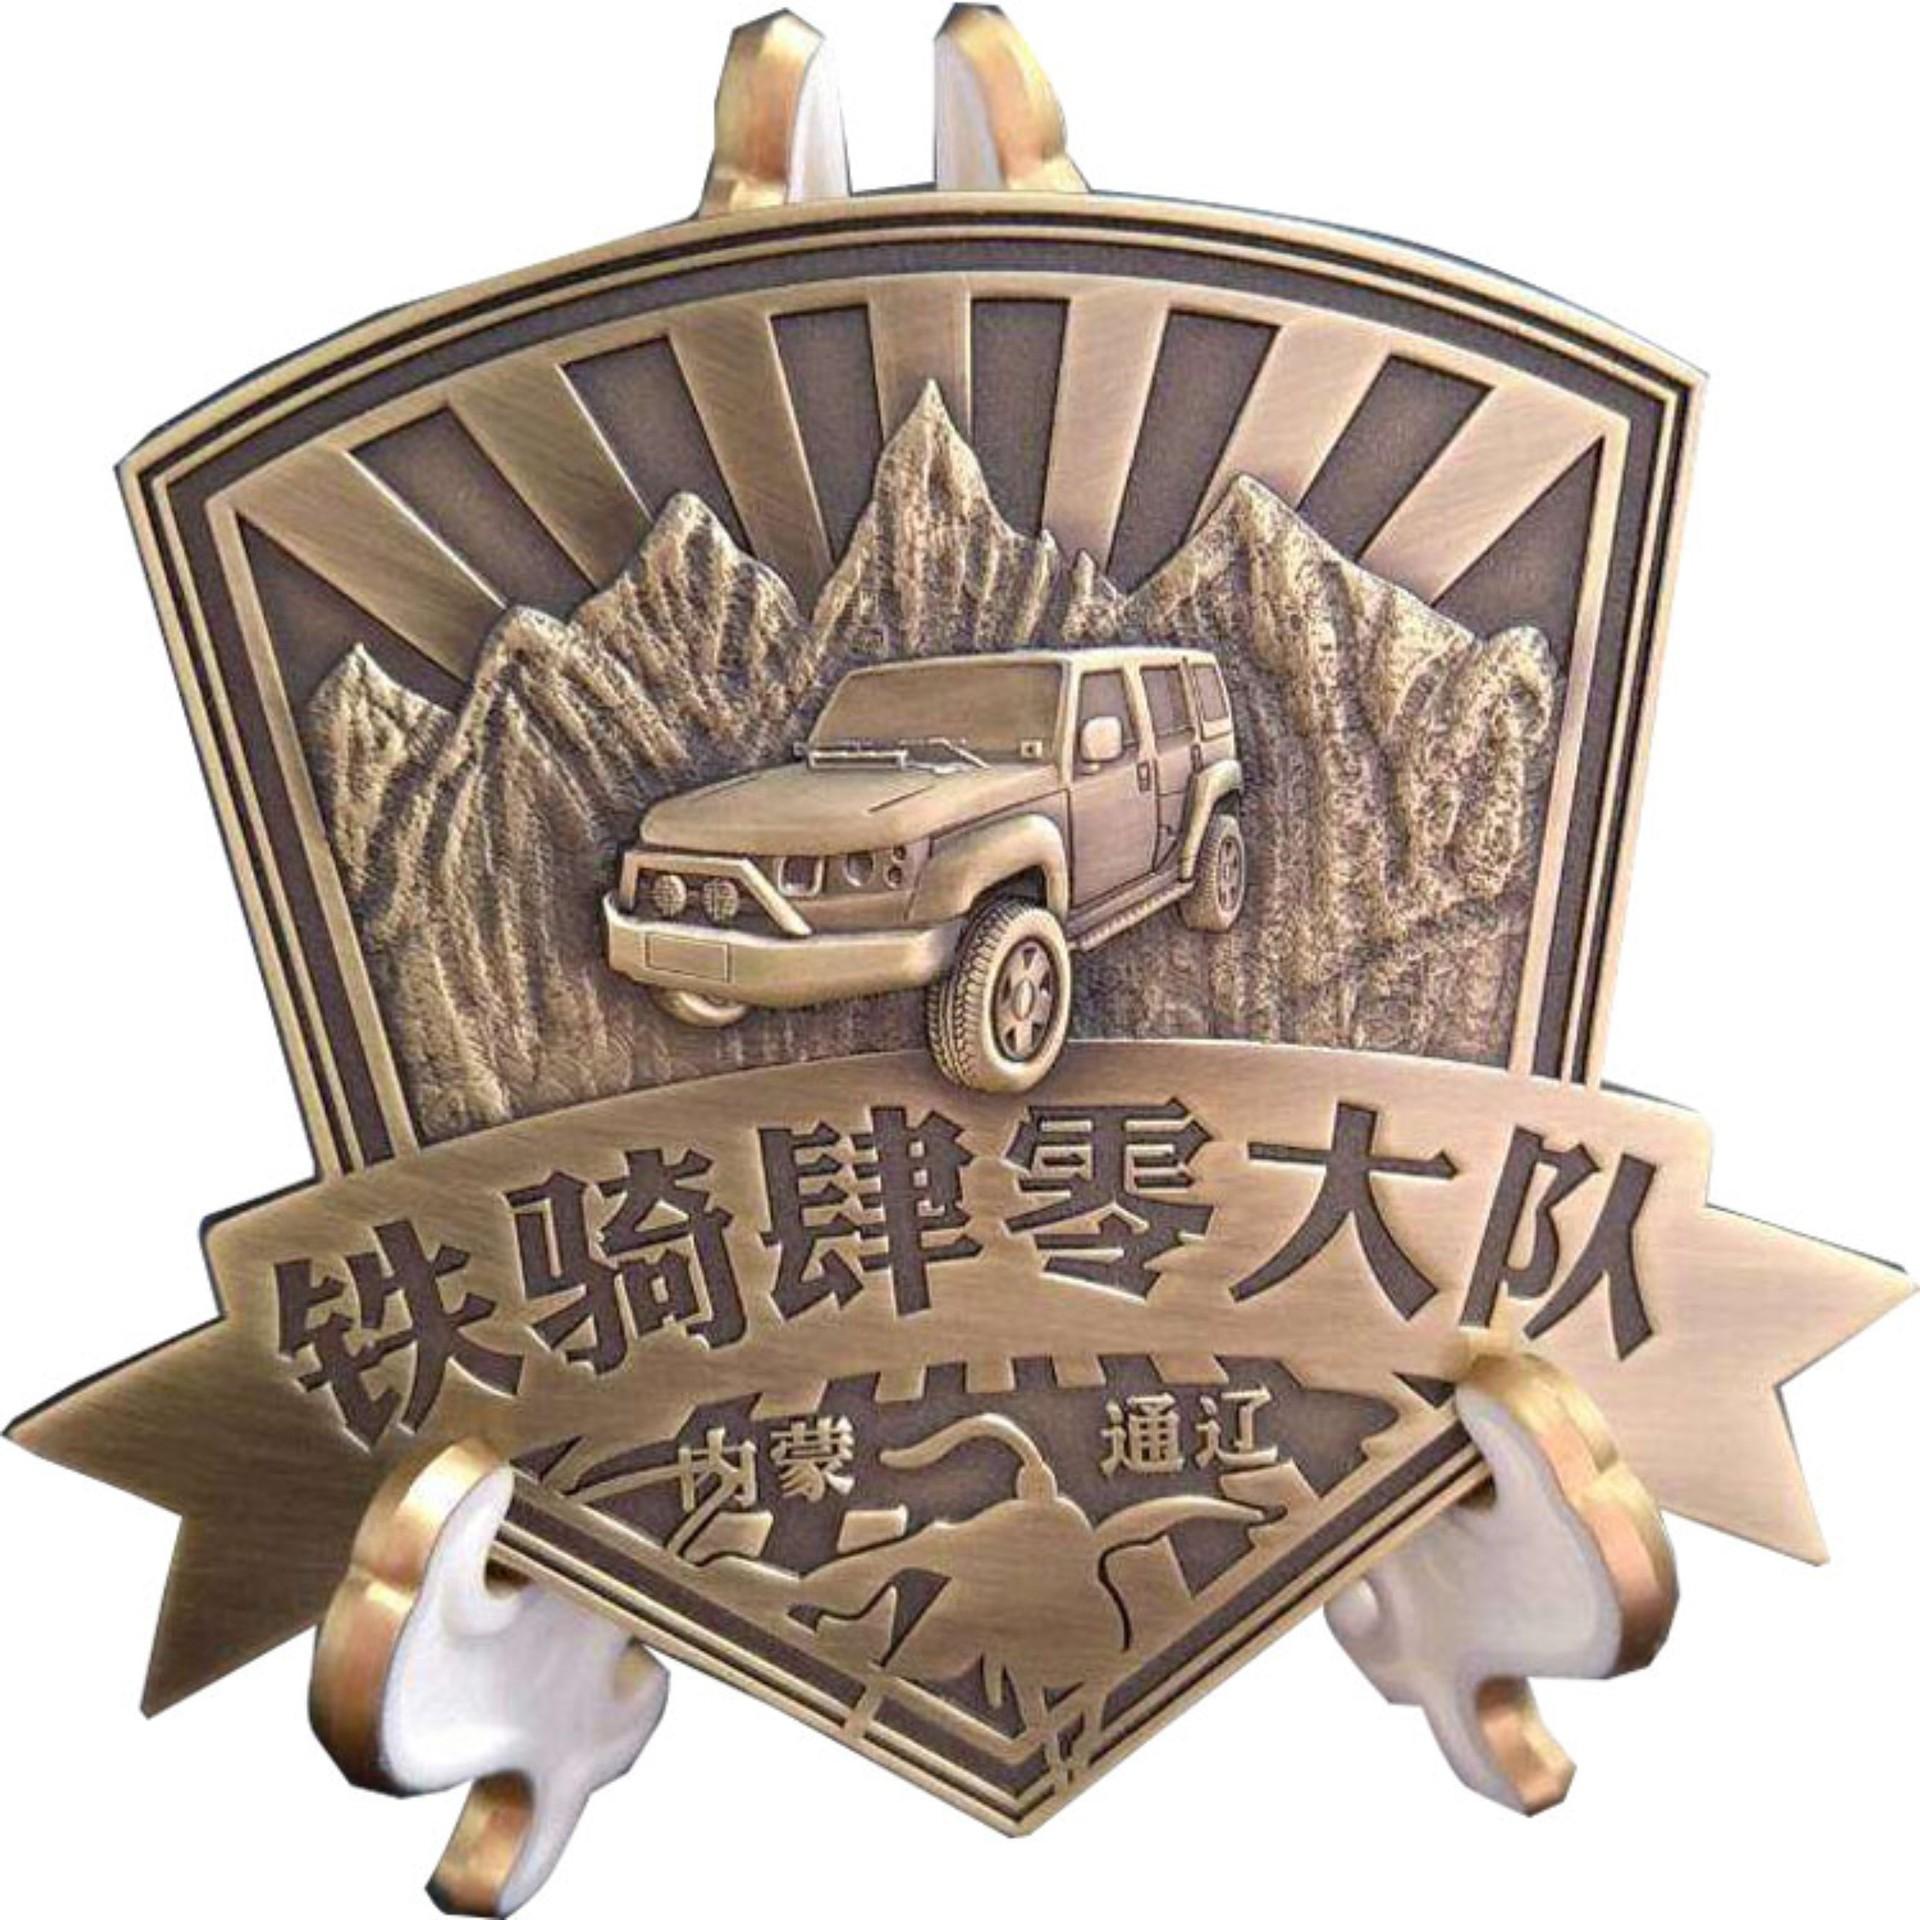 Bán nóng cho phép tùy chỉnh câu lạc bộ Che Youhui tùy chỉnh ký hiệu Câu lạc bộ Che Youhui huy hiệu tùy chỉnh đúc một dấu hiệu đặt hàng - Thiết bị đóng gói / Dấu hiệu & Thiết bị